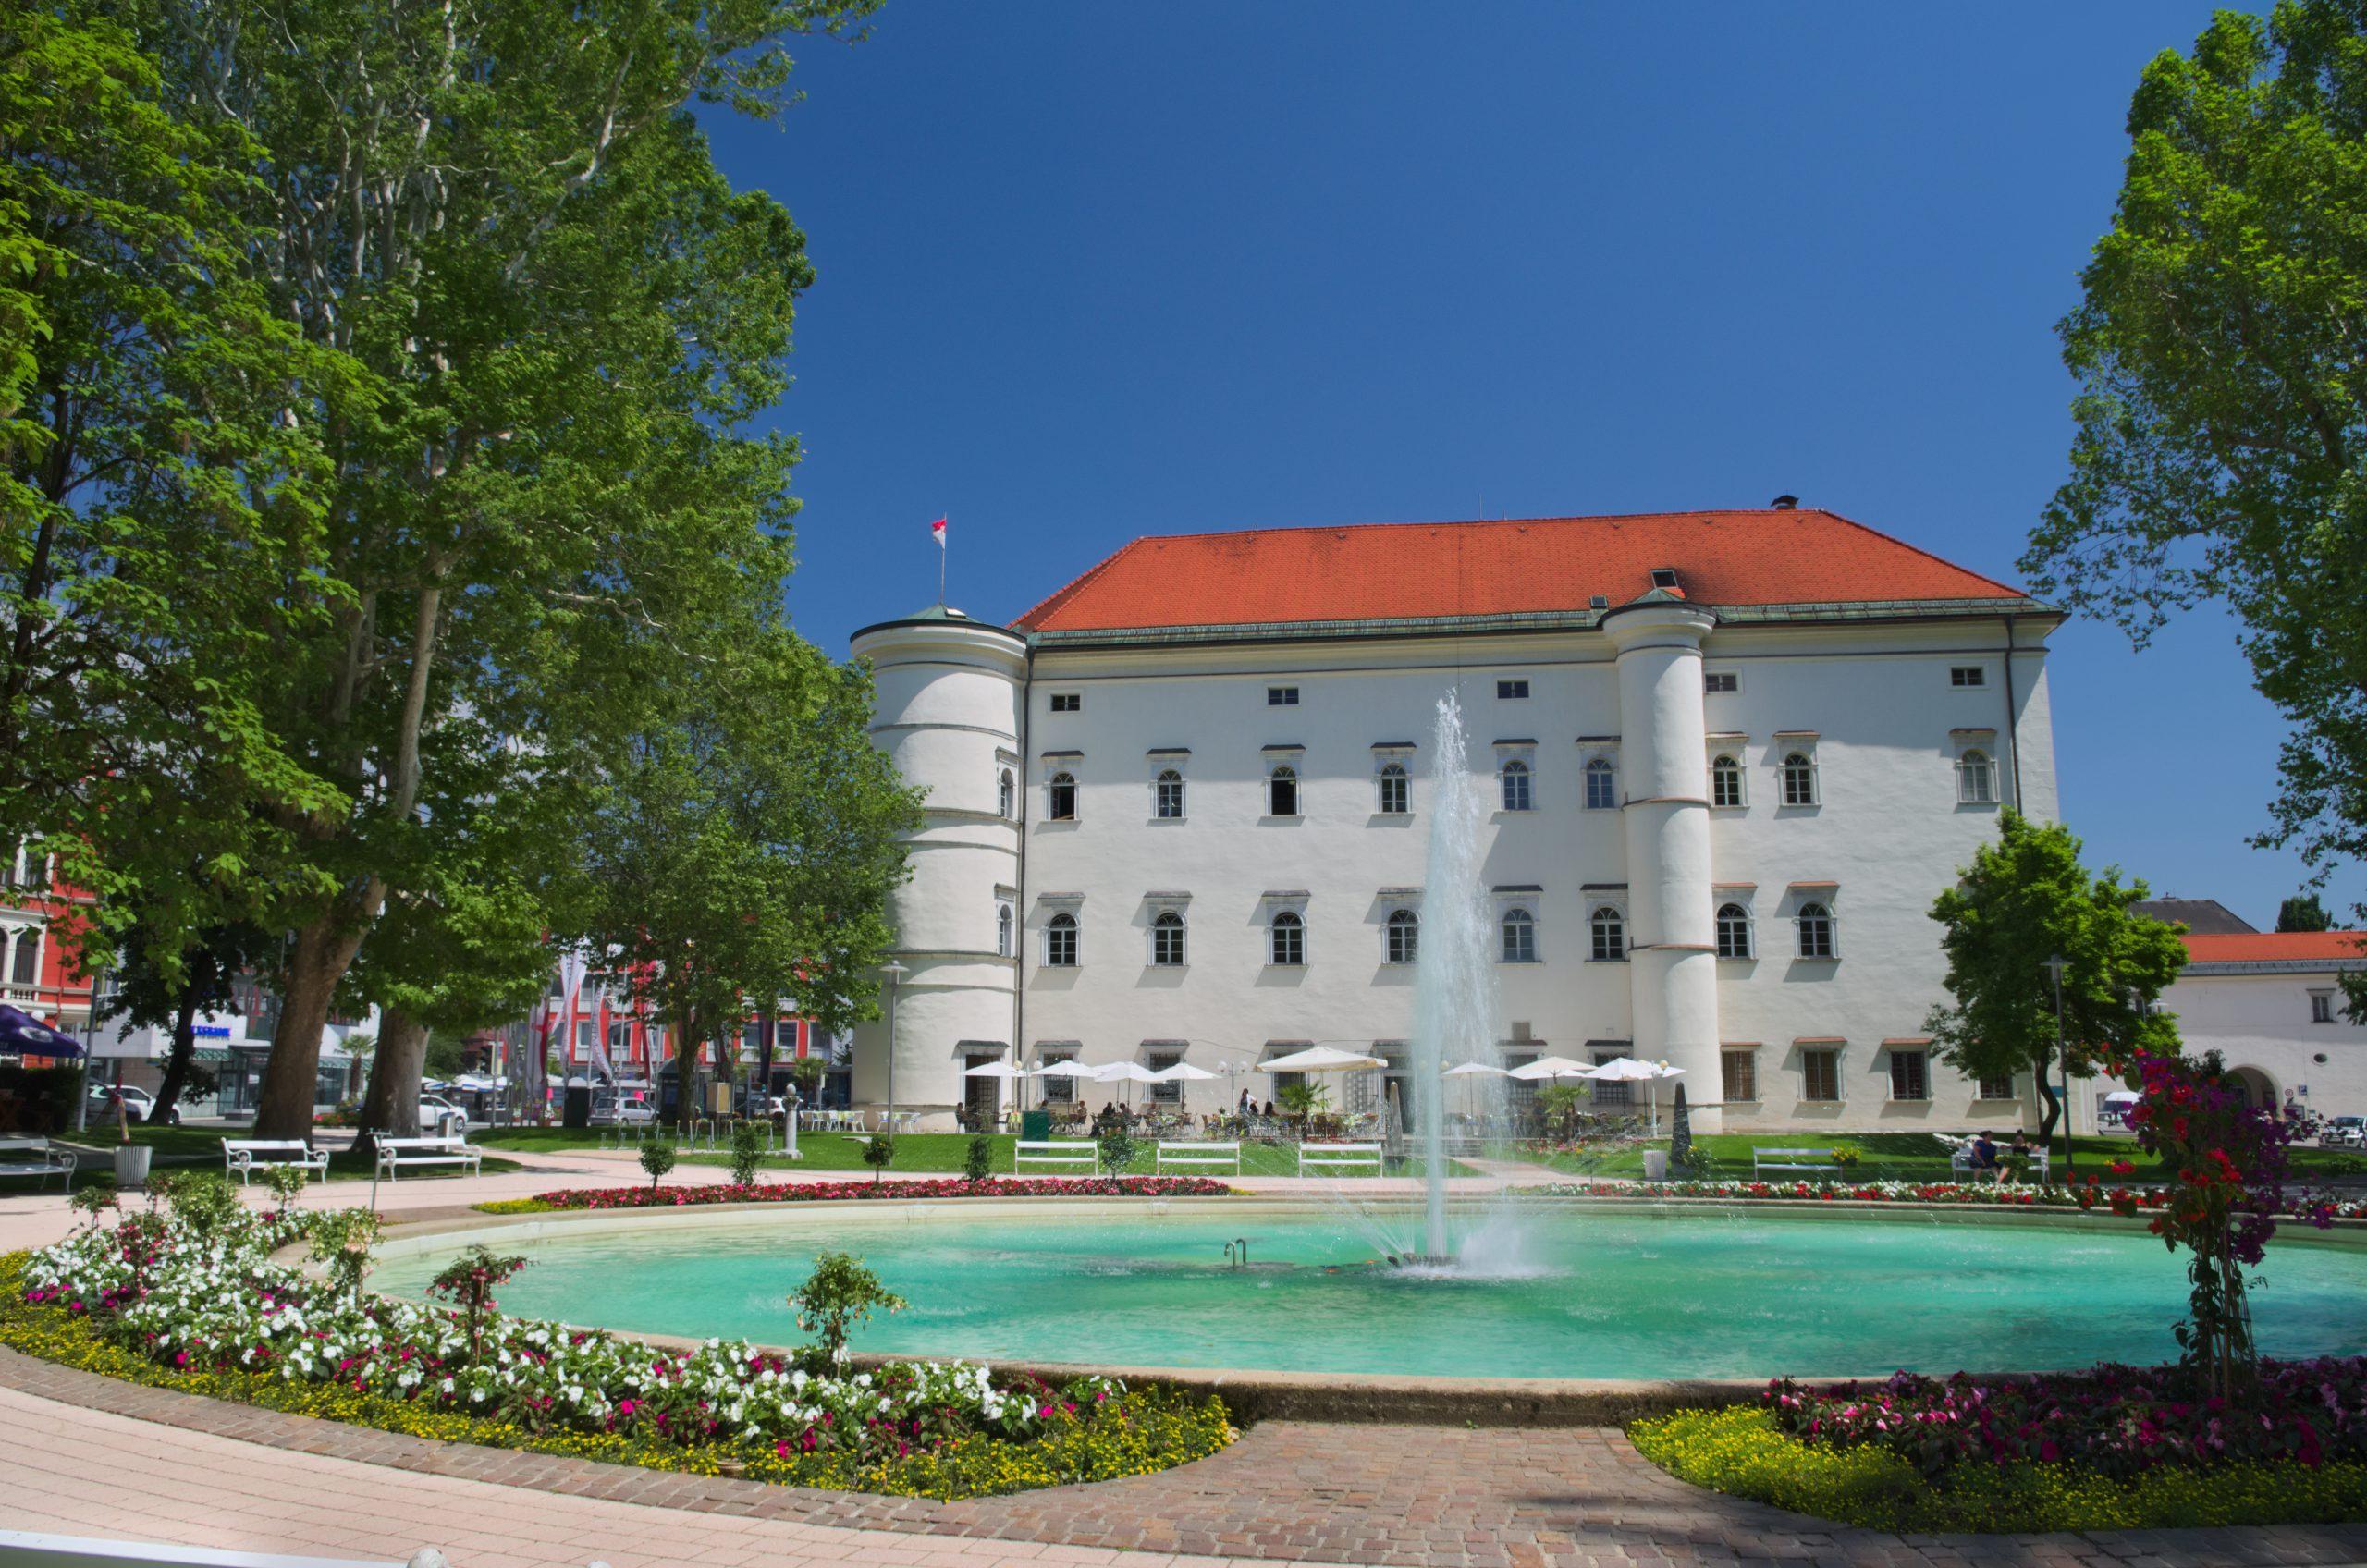 schönstes Renaissancebauwerk Österreichs - das Schloss Porcia